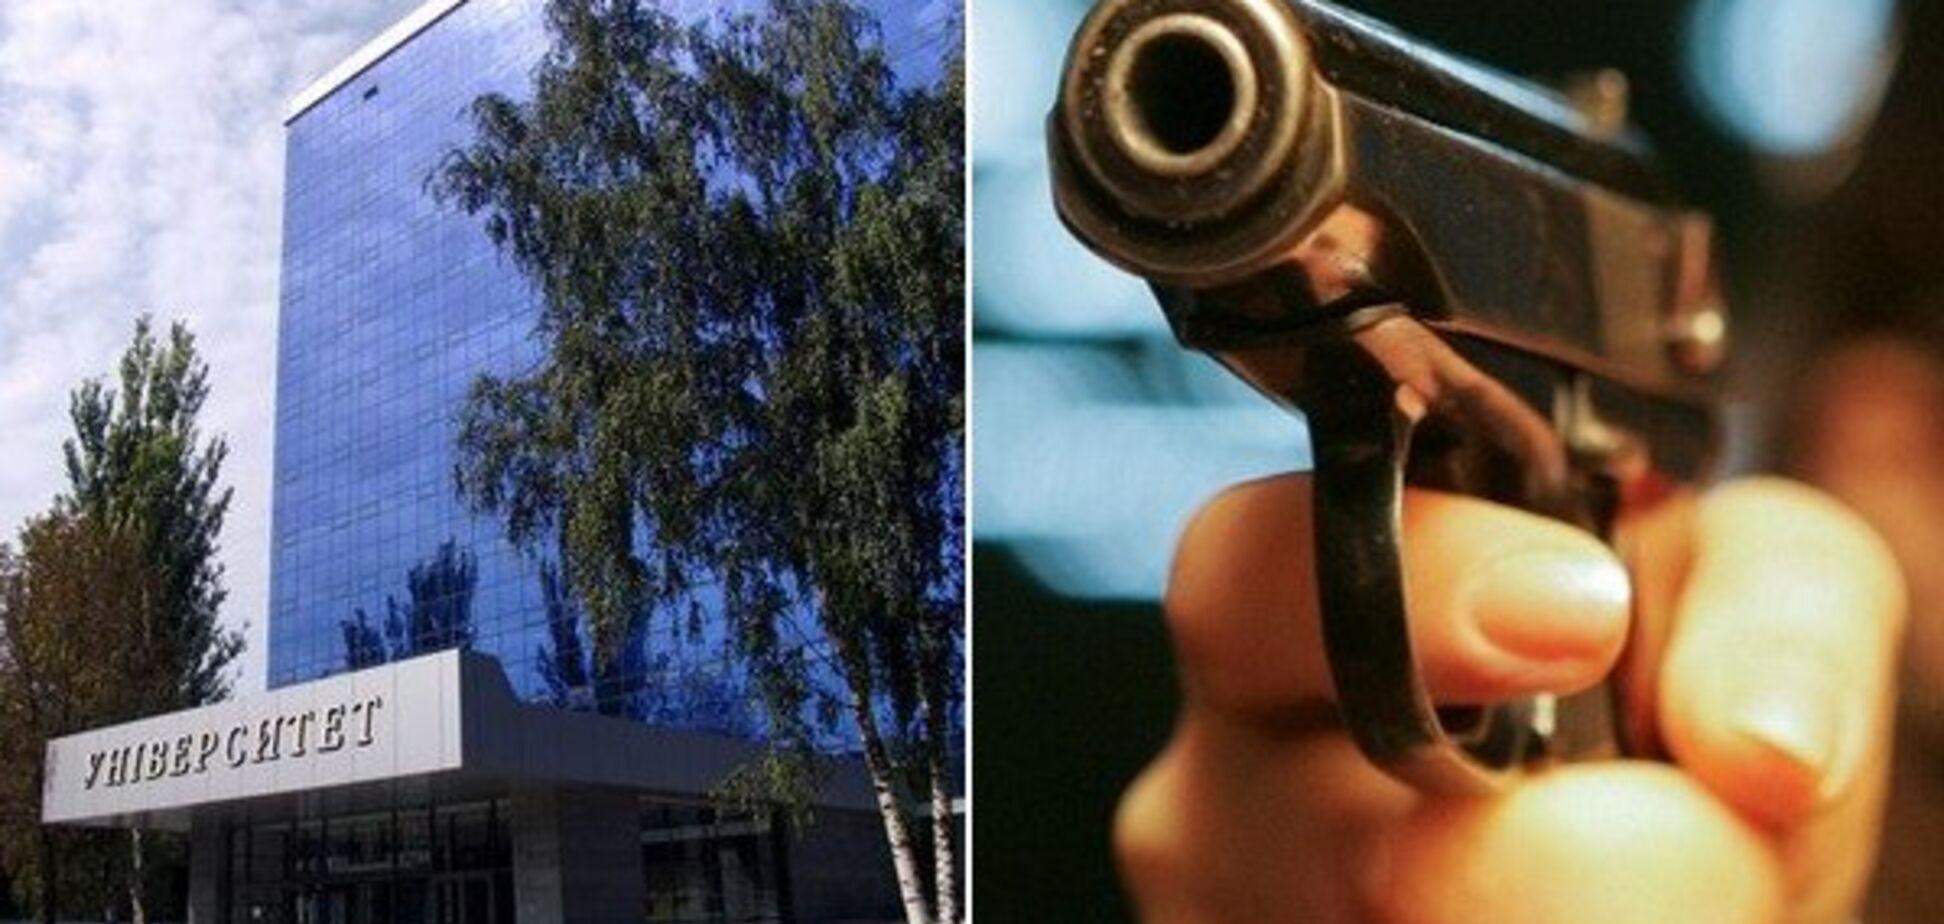 У Дніпрі в гуртожитку ДНУ хлопець прострелив голову першокурсниці: перші деталі